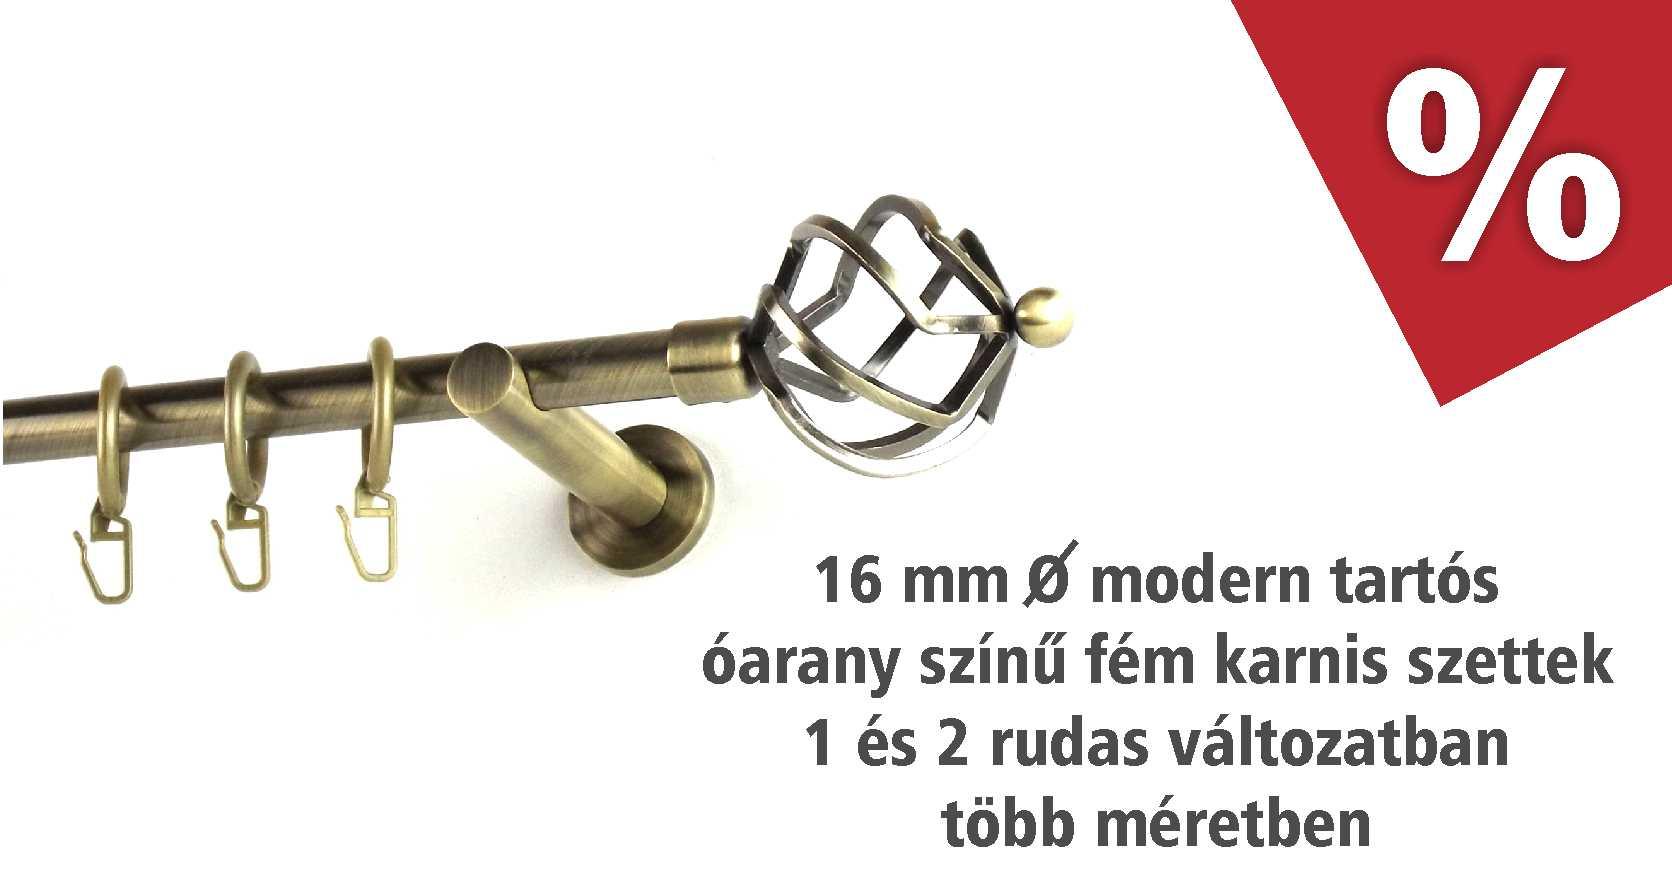 Óarany színű 16 mm vastag modern tartós fém karnis szettek novemberben kedvezményes áron - www.karnisstudio.hu